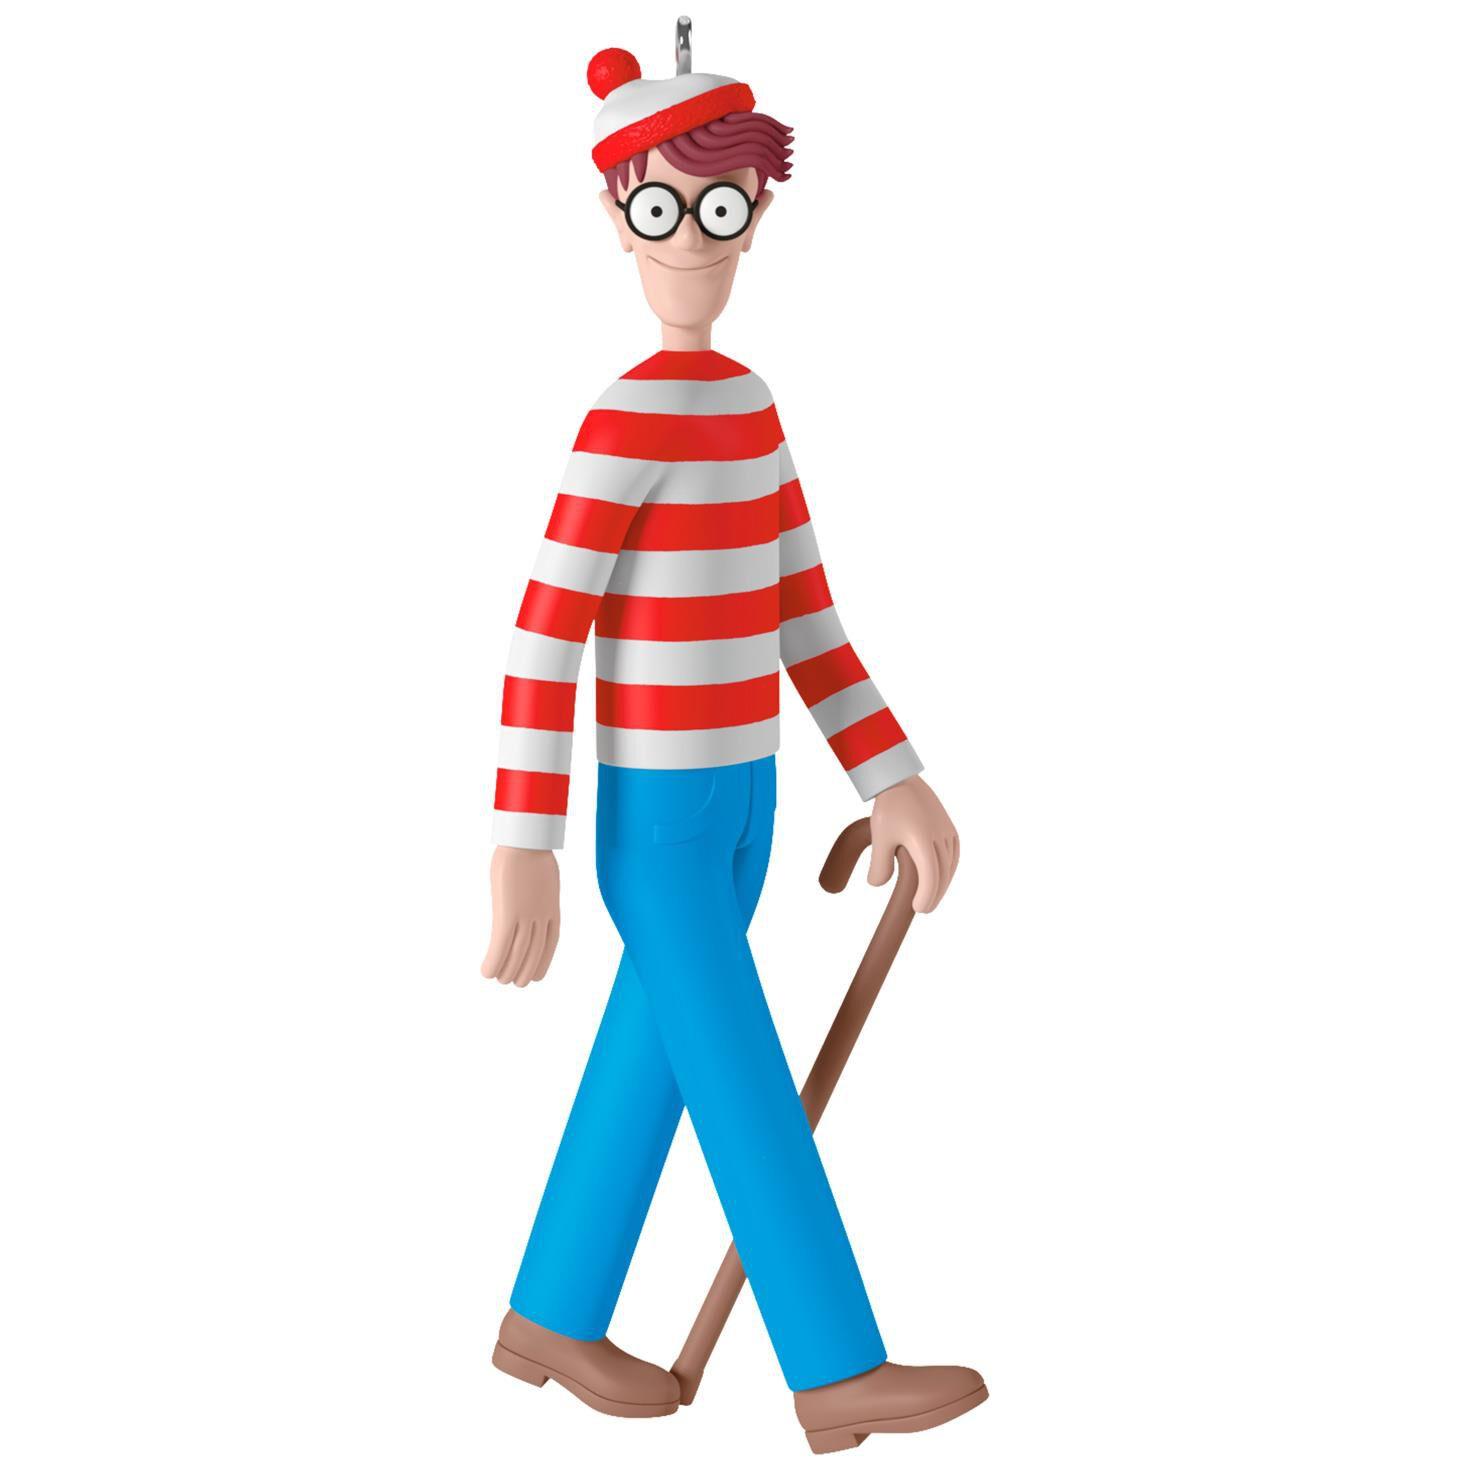 Waldo vs odlaW by mDiMotta Waldo vs odlaW by mDiMotta